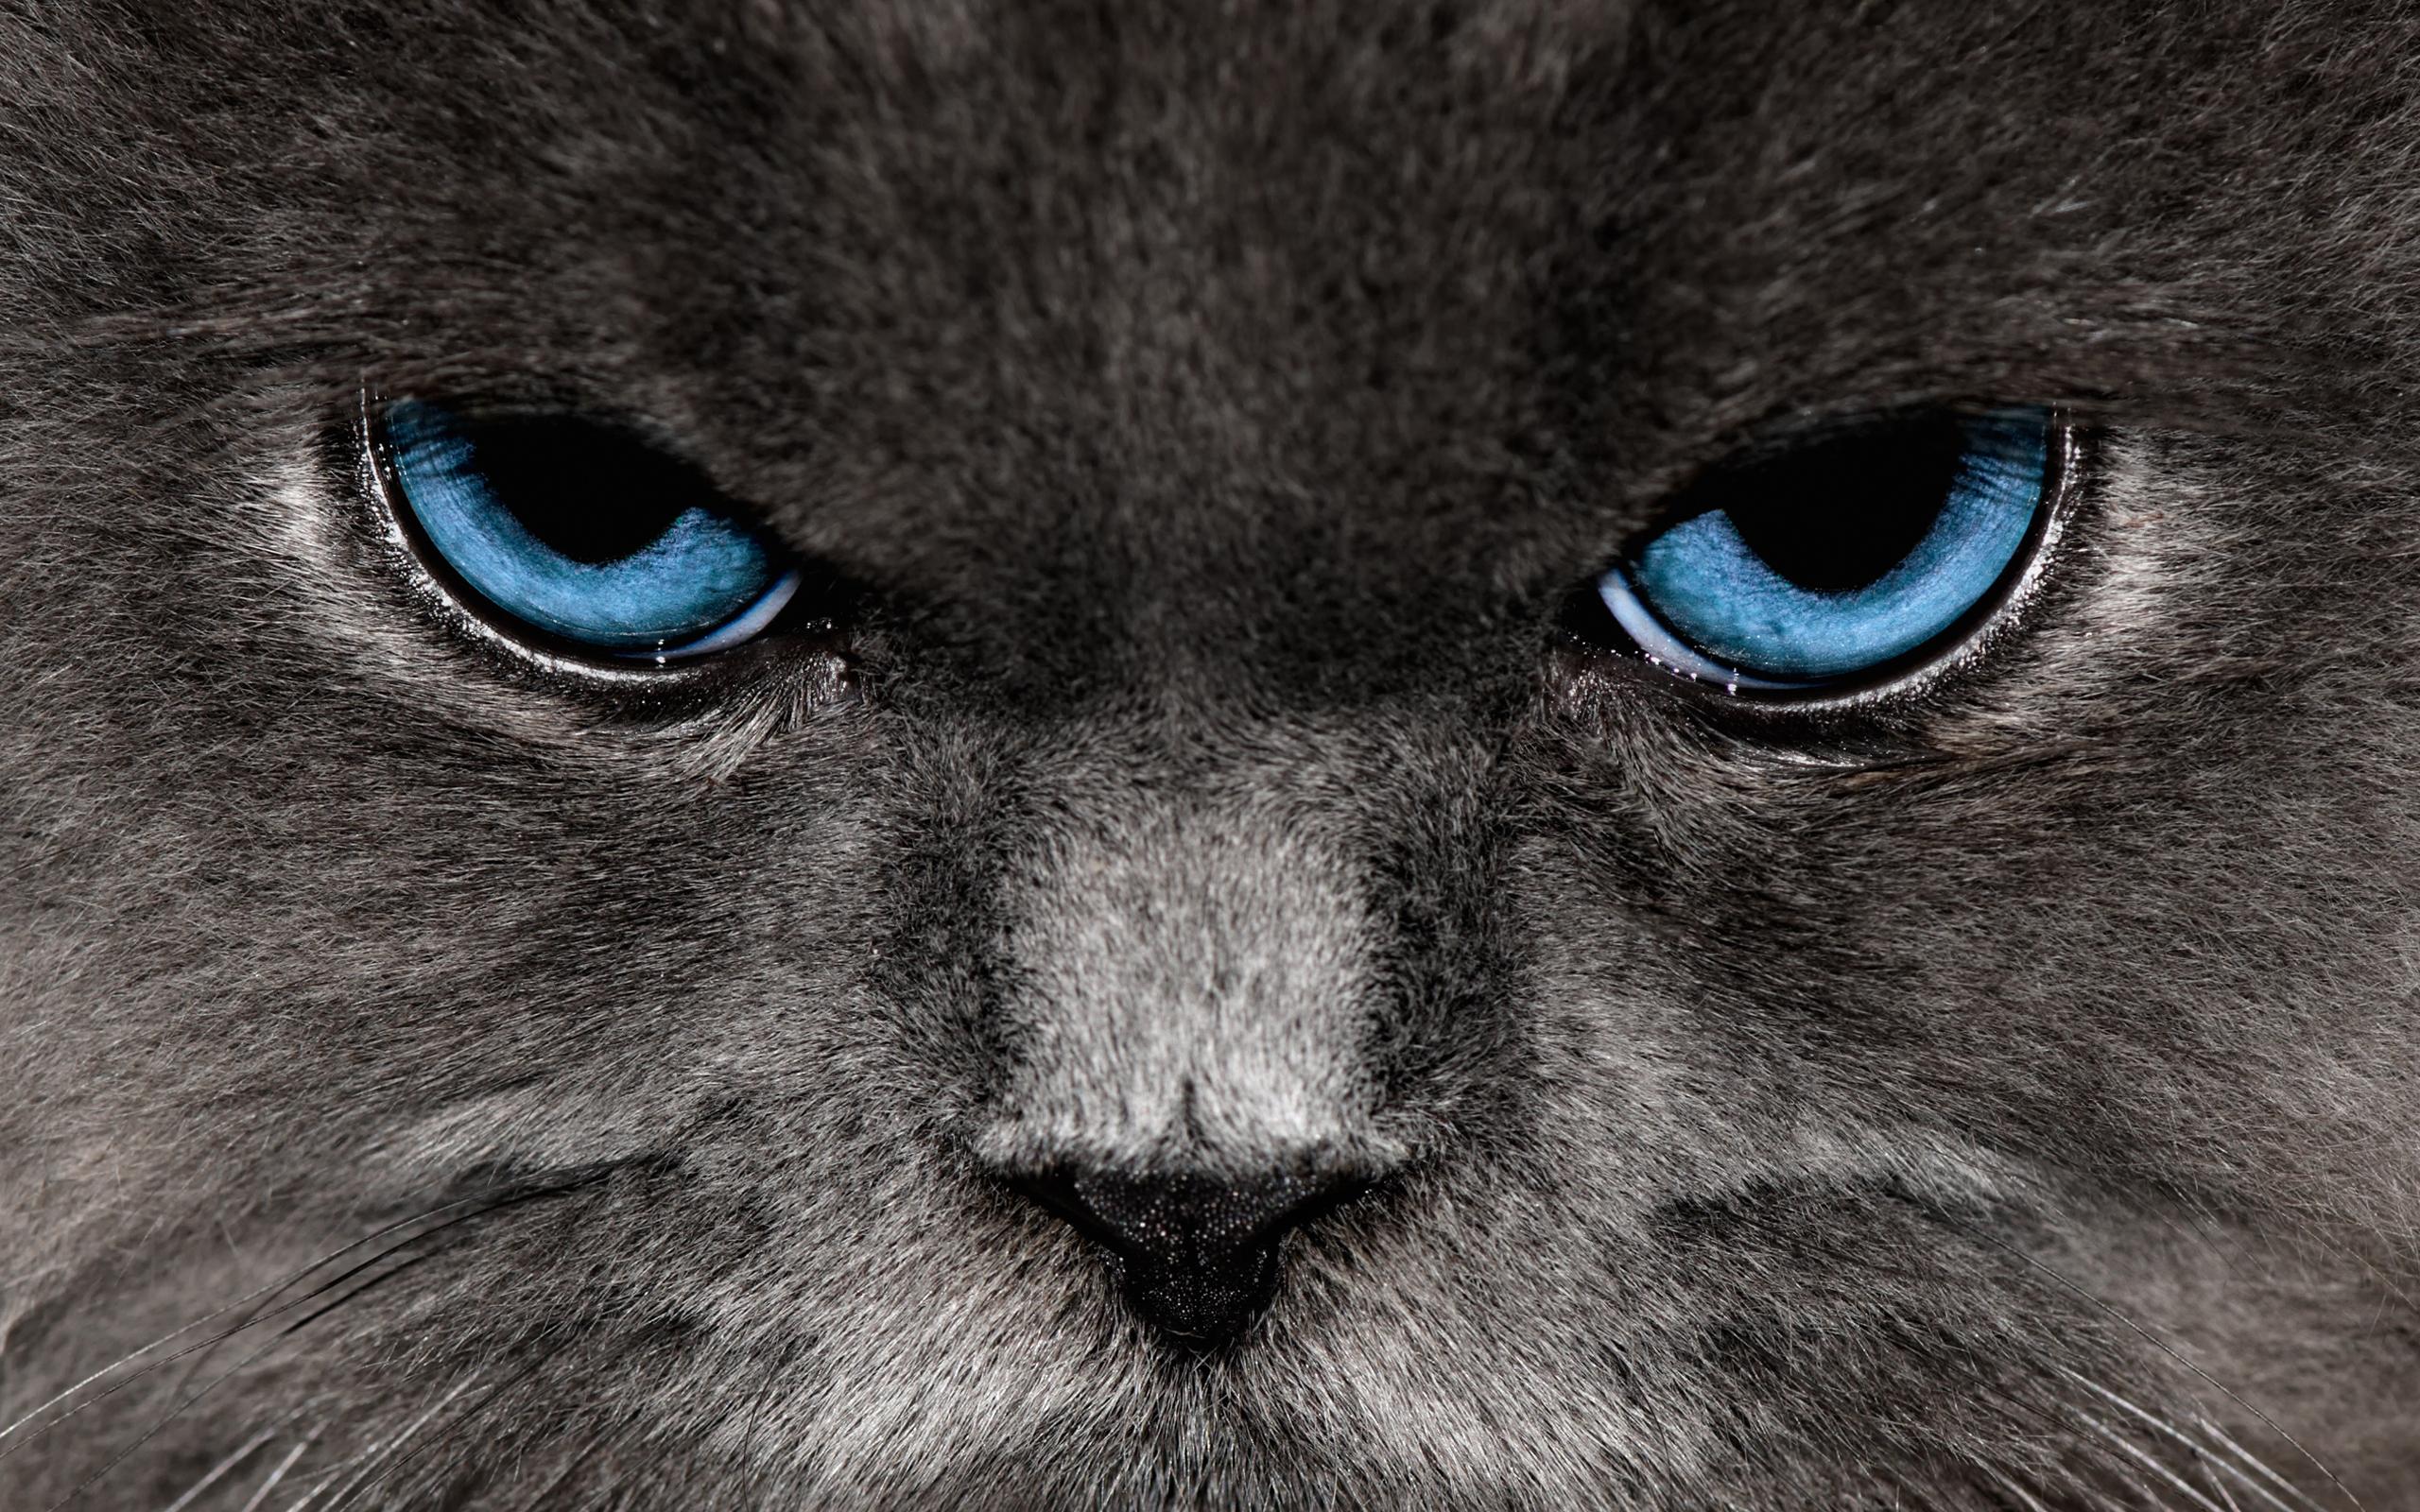 Close up Cats Wallpaper 2560x1600 Closeup, Cats, Blue, Eyes